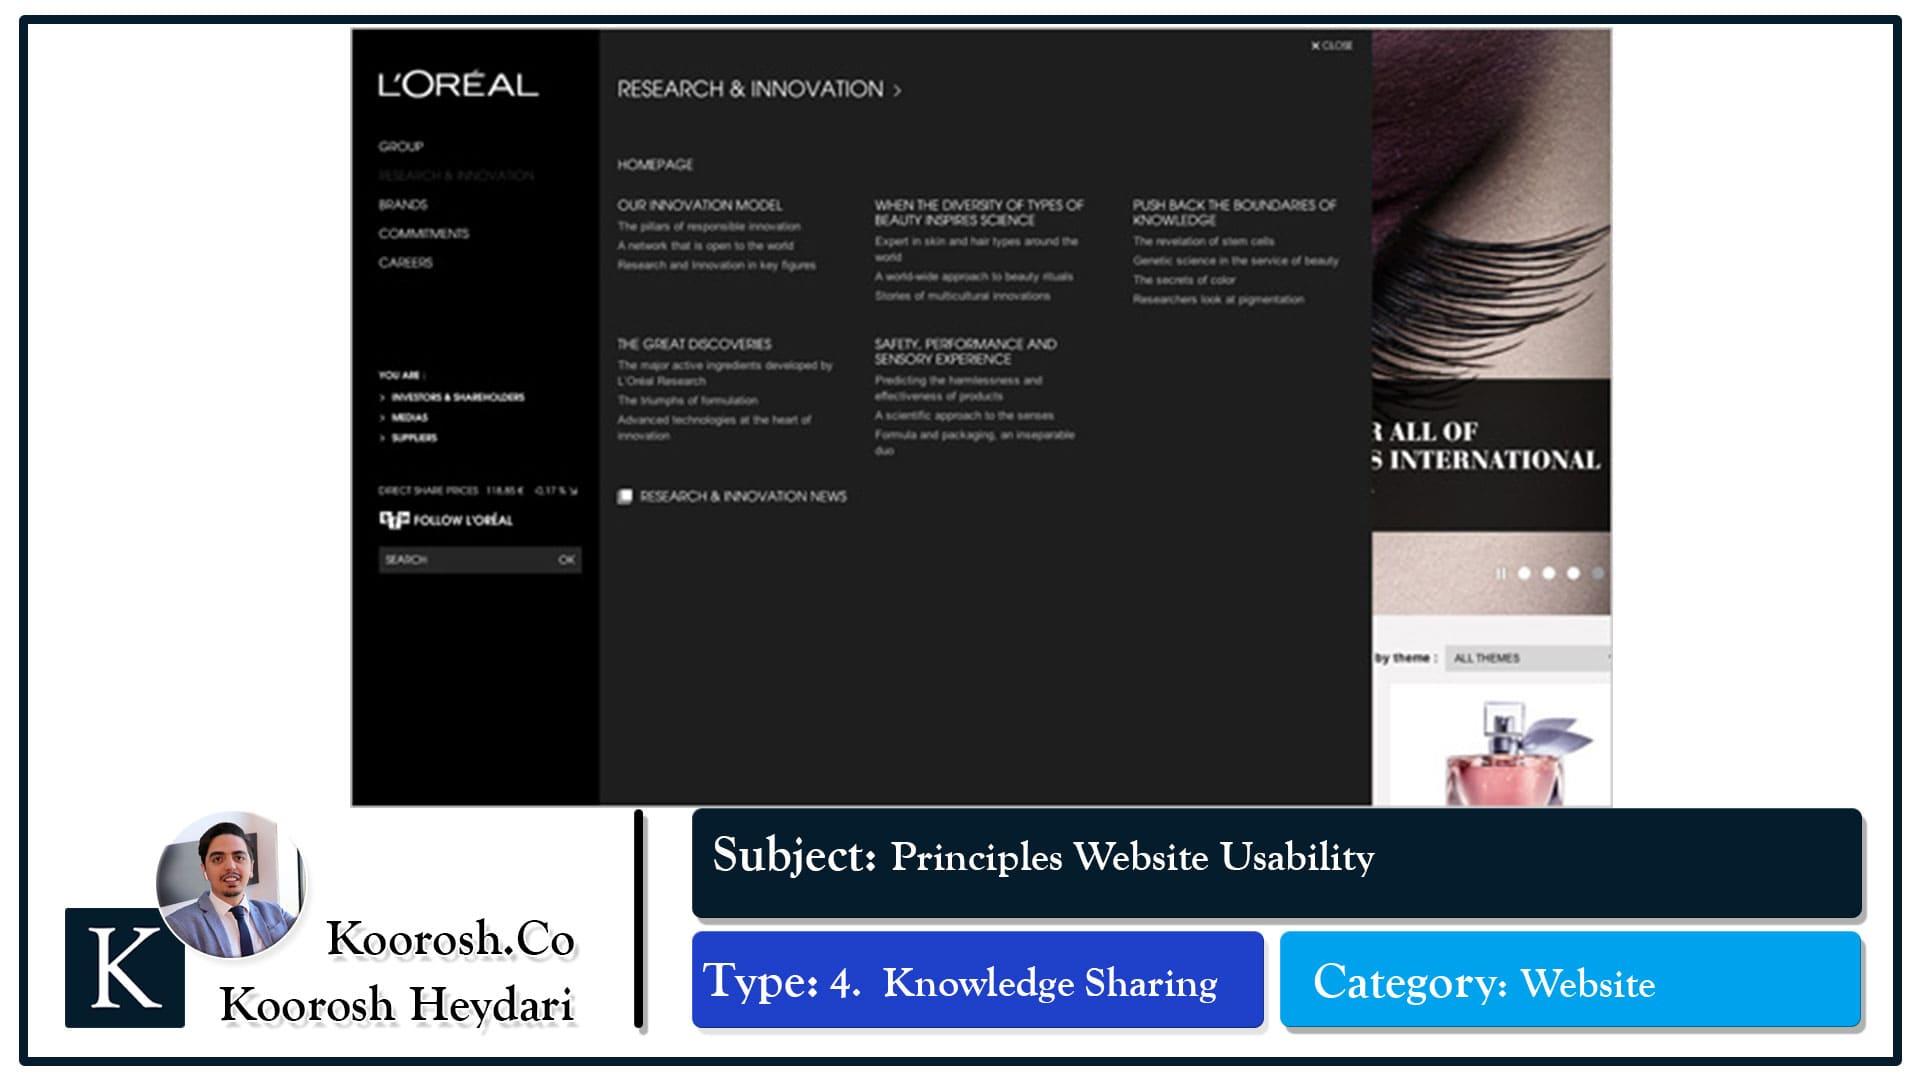 اعتبار و تولید محتوای وبسایتLOREAL